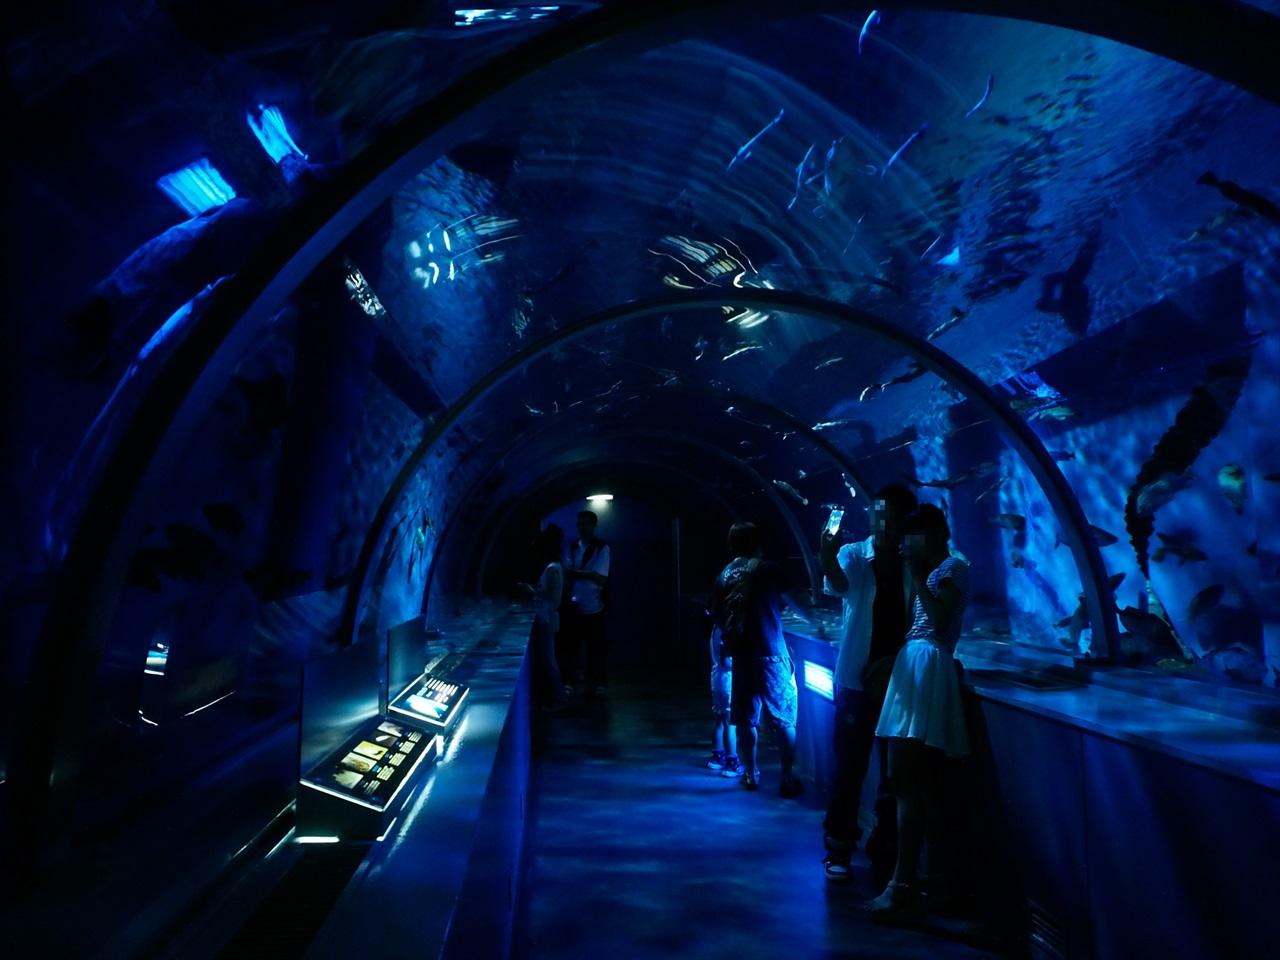 アクアトンネル1